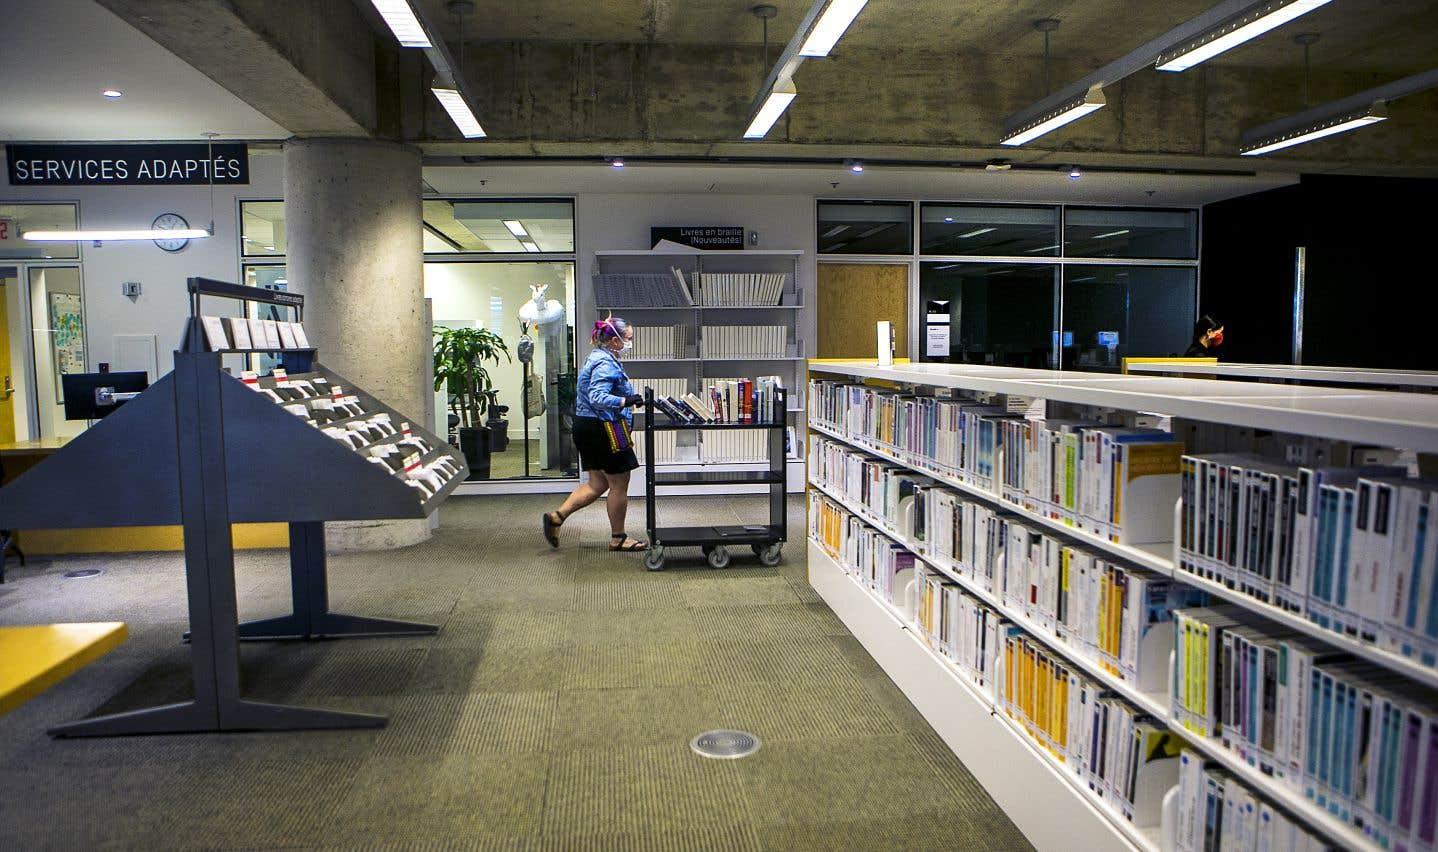 C'est le personnel de la bibliothèque qui assure le suivi des commandes et va chercher les livres sur les rayons.